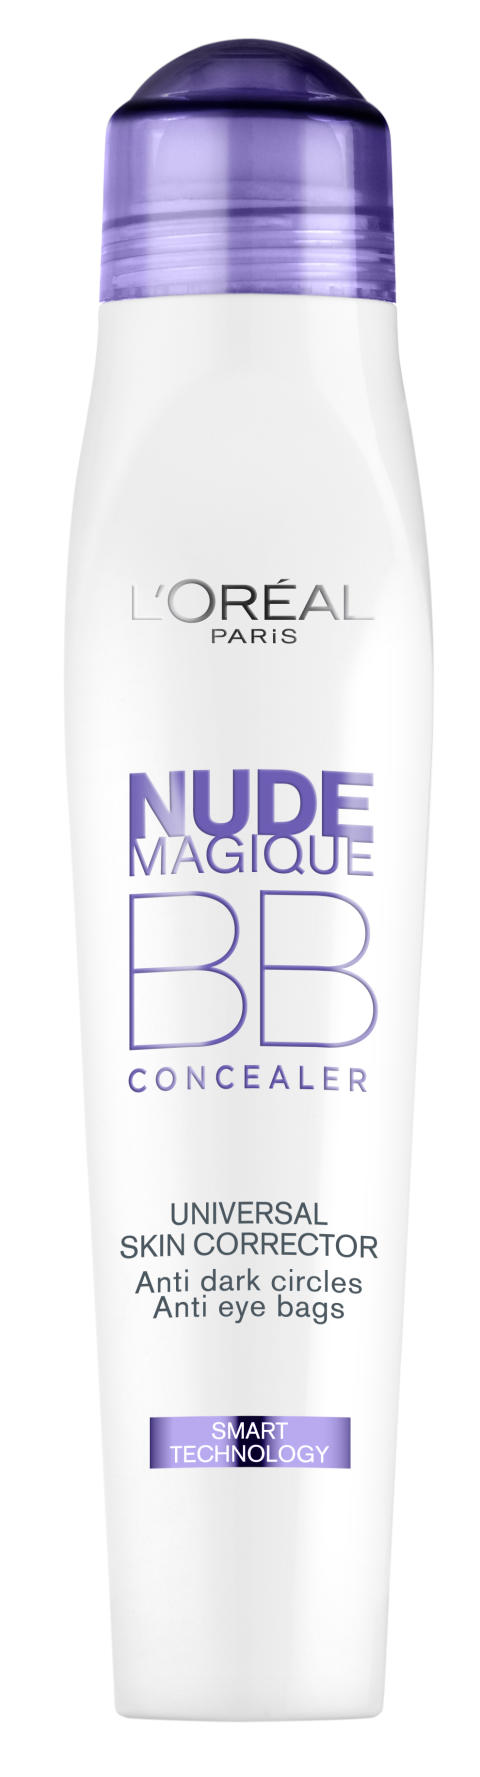 BB Concealer